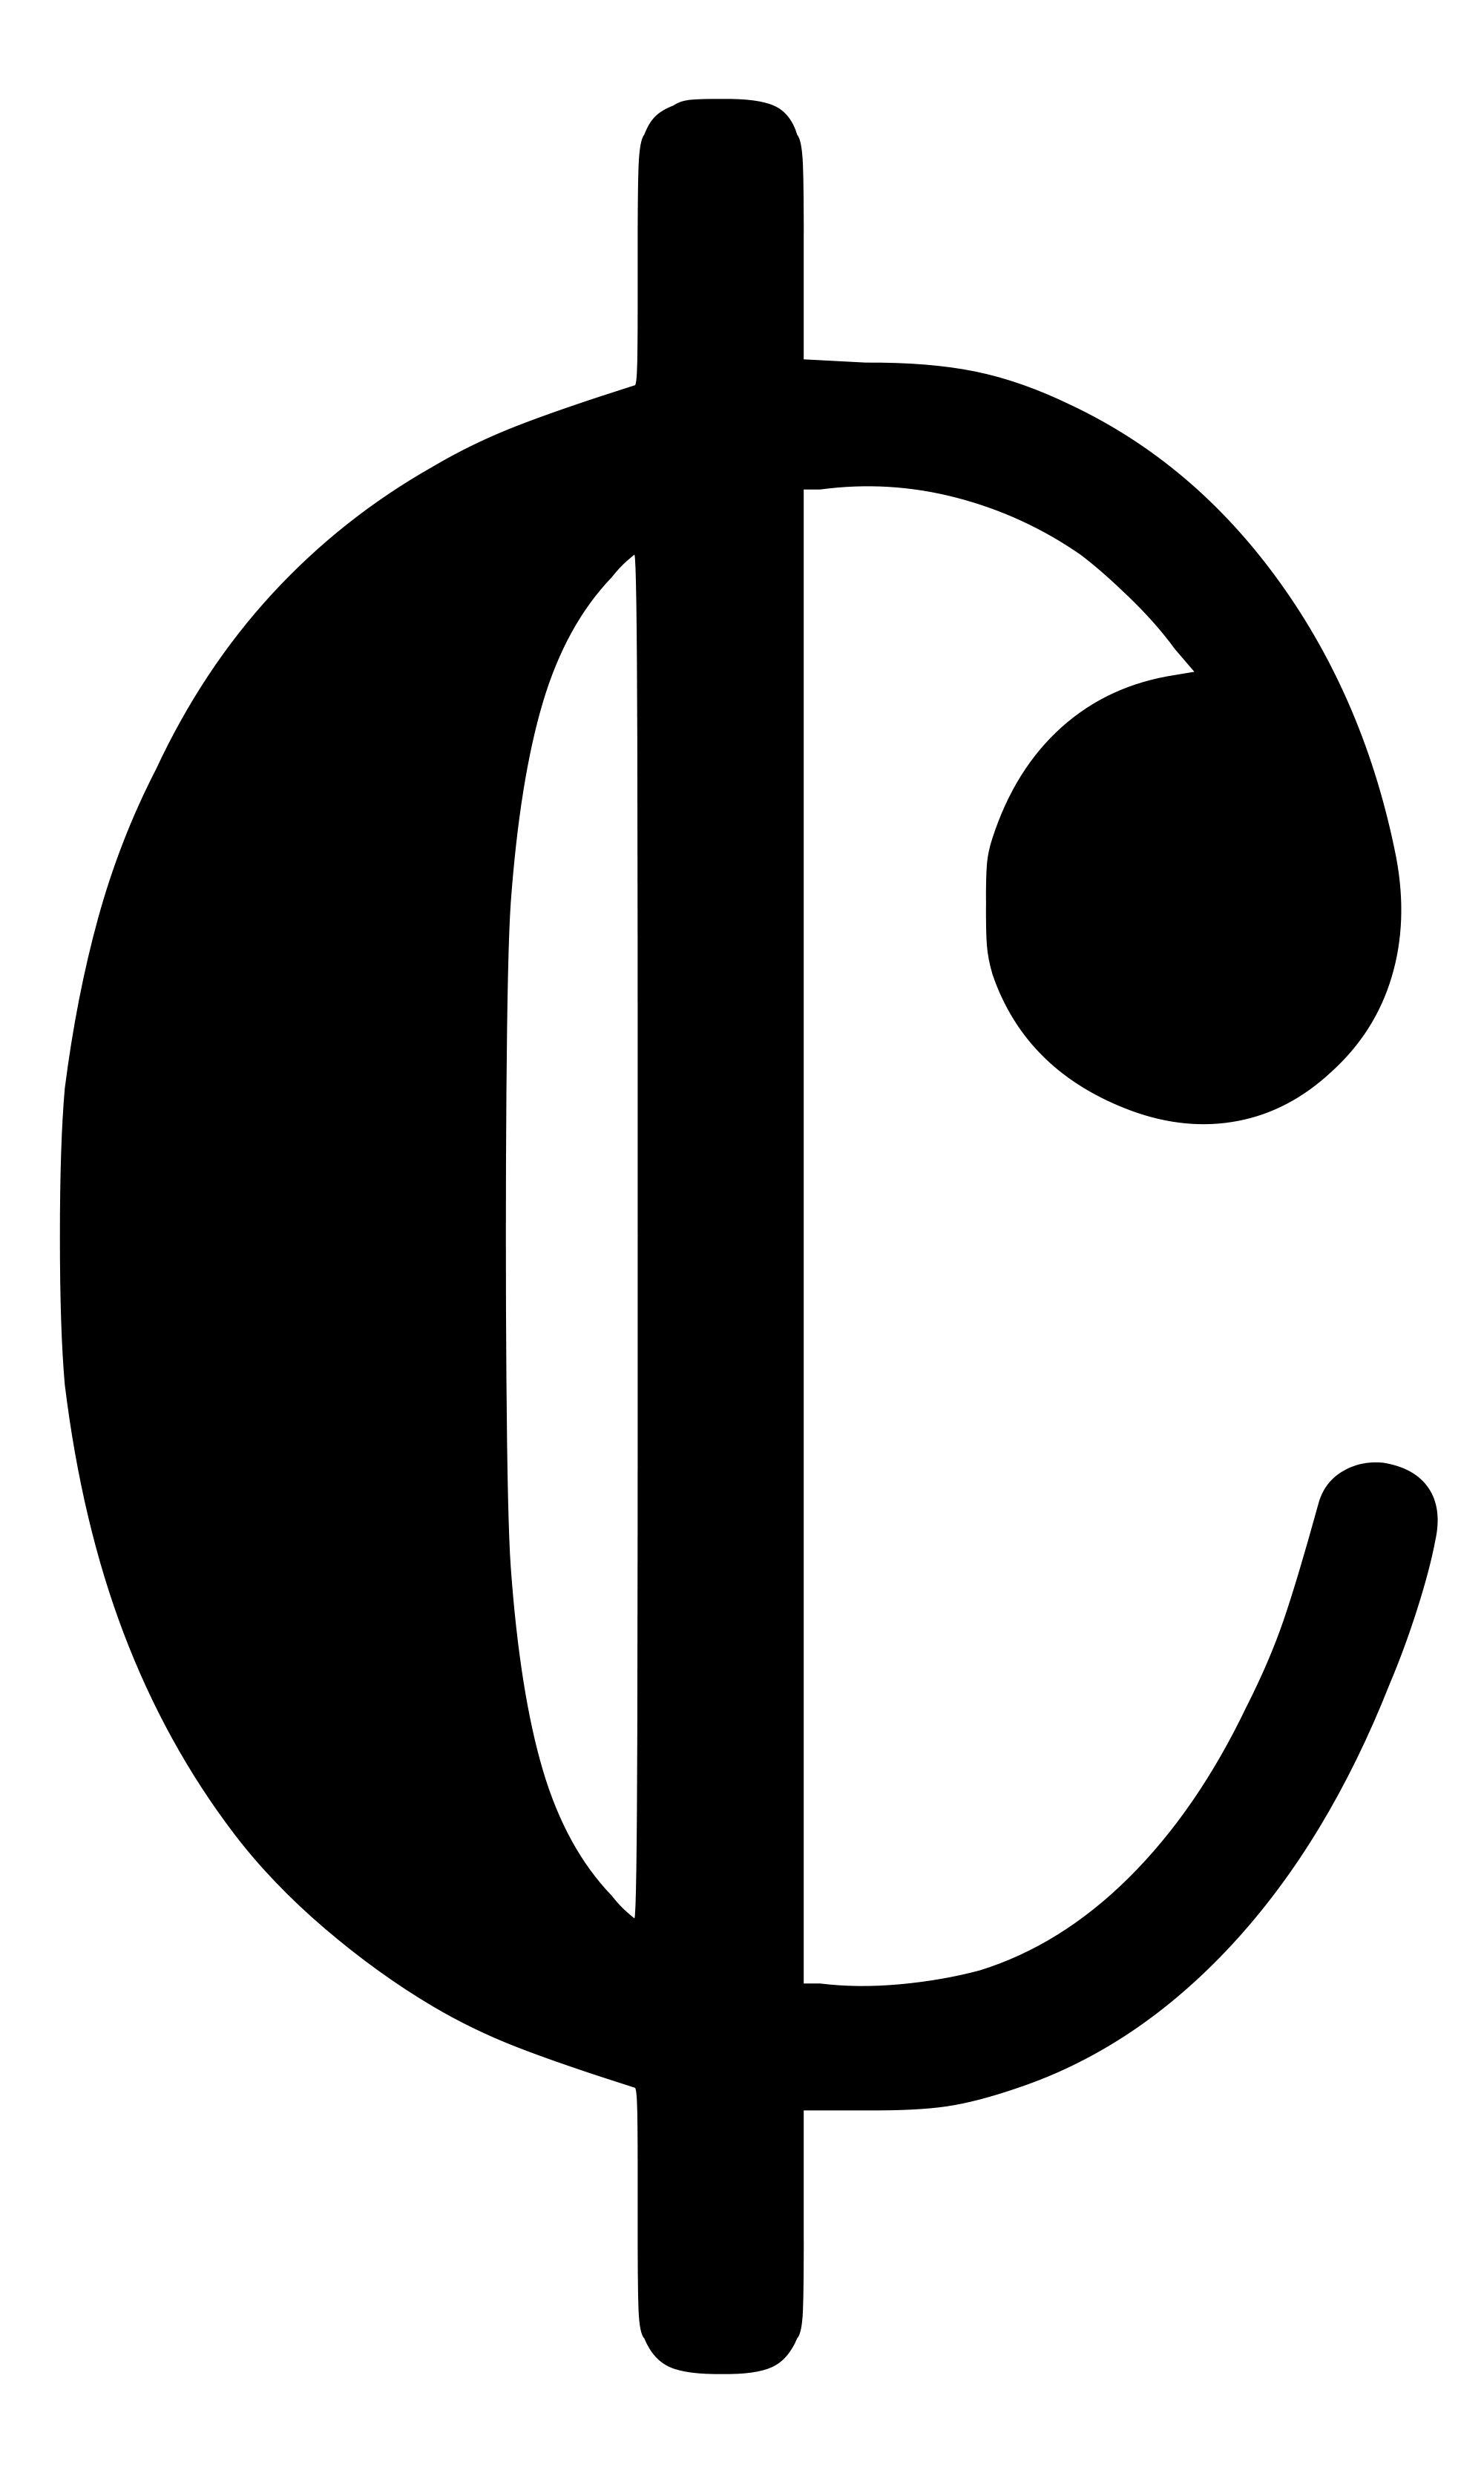 1 cent clipart 1 » Clipart Portal.